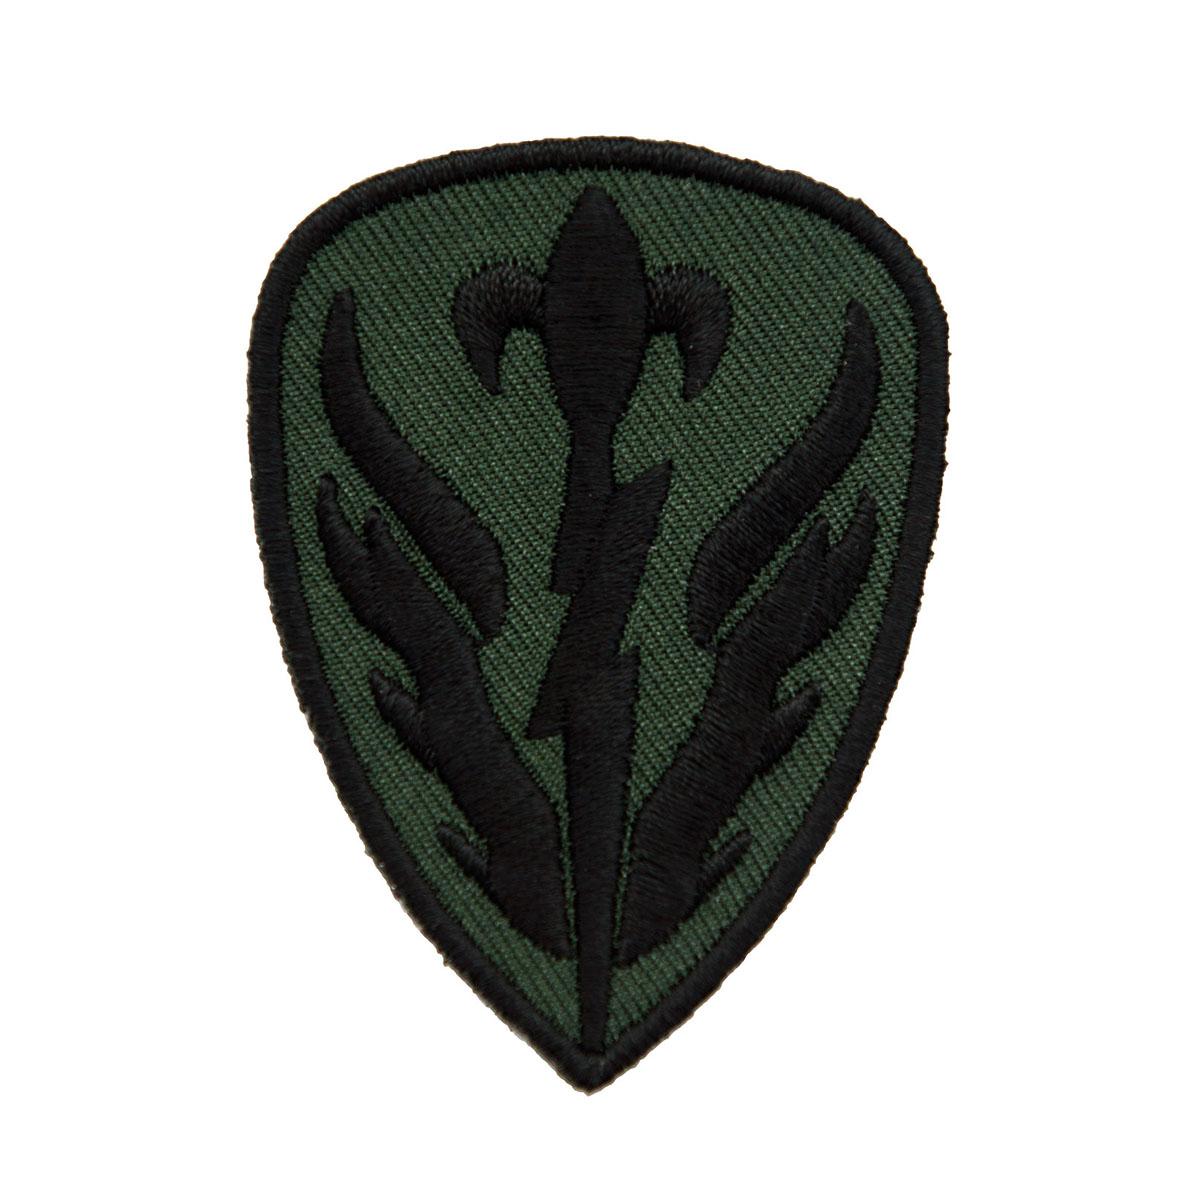 AD1297 504 Термоаппликация 'Военная разведывательная бригада', 4,5*6 см, Hobby&Pro